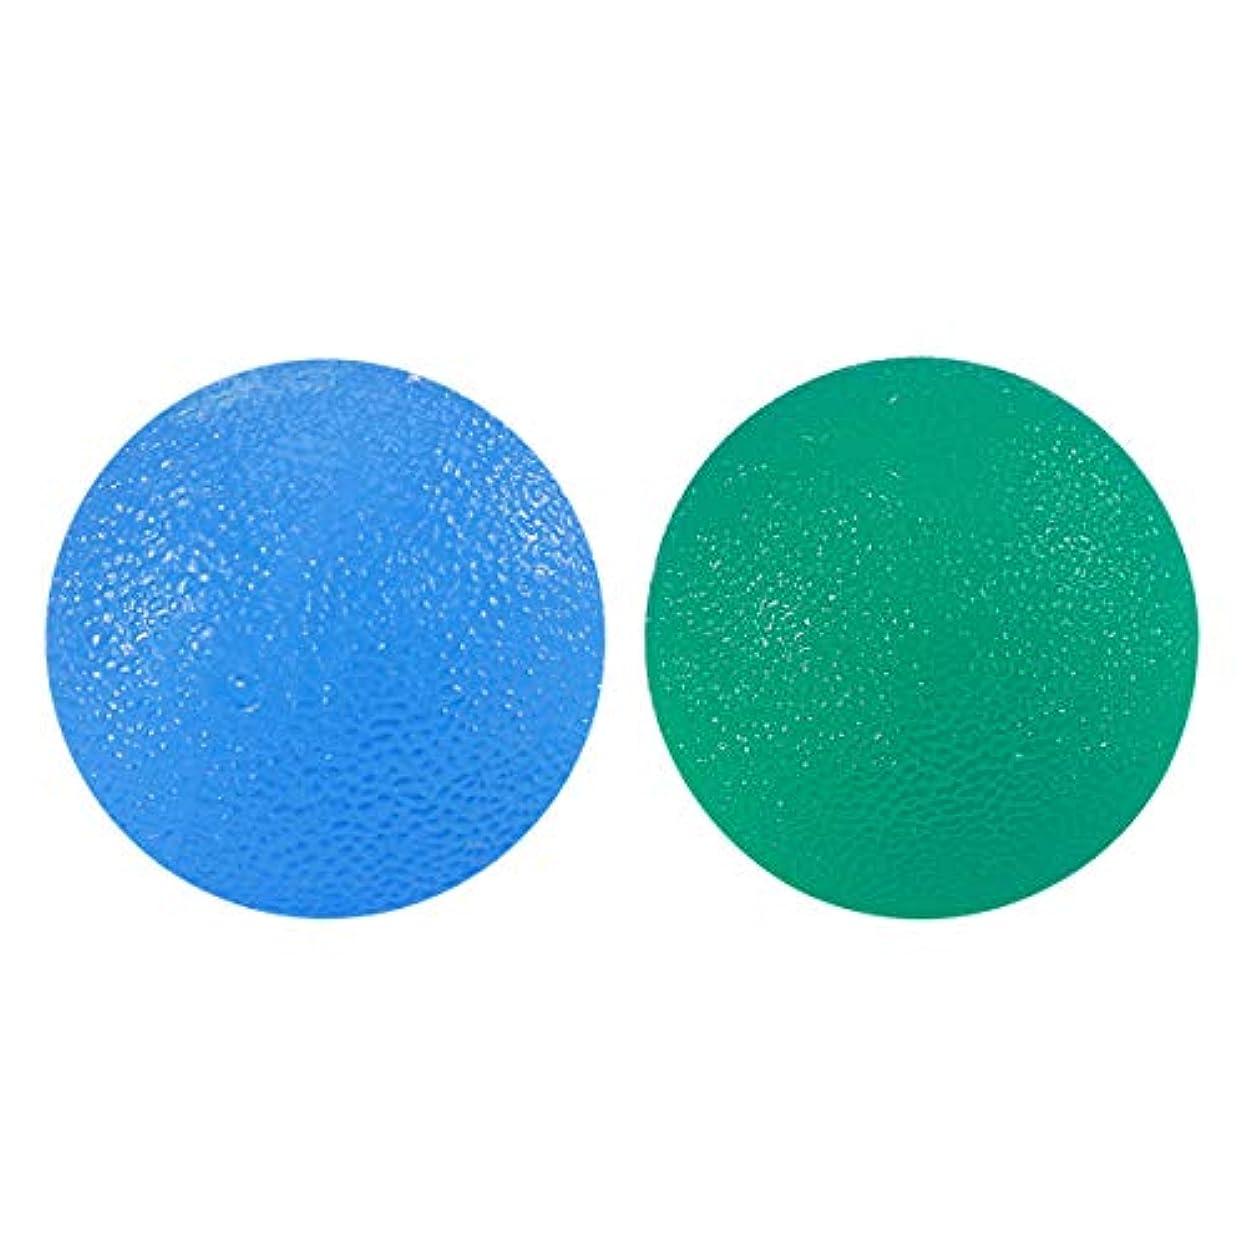 装置クラブ無秩序HEALIFTY 2本の中国の健康運動マッサージボールのストレスは、手の運動(緑と青)